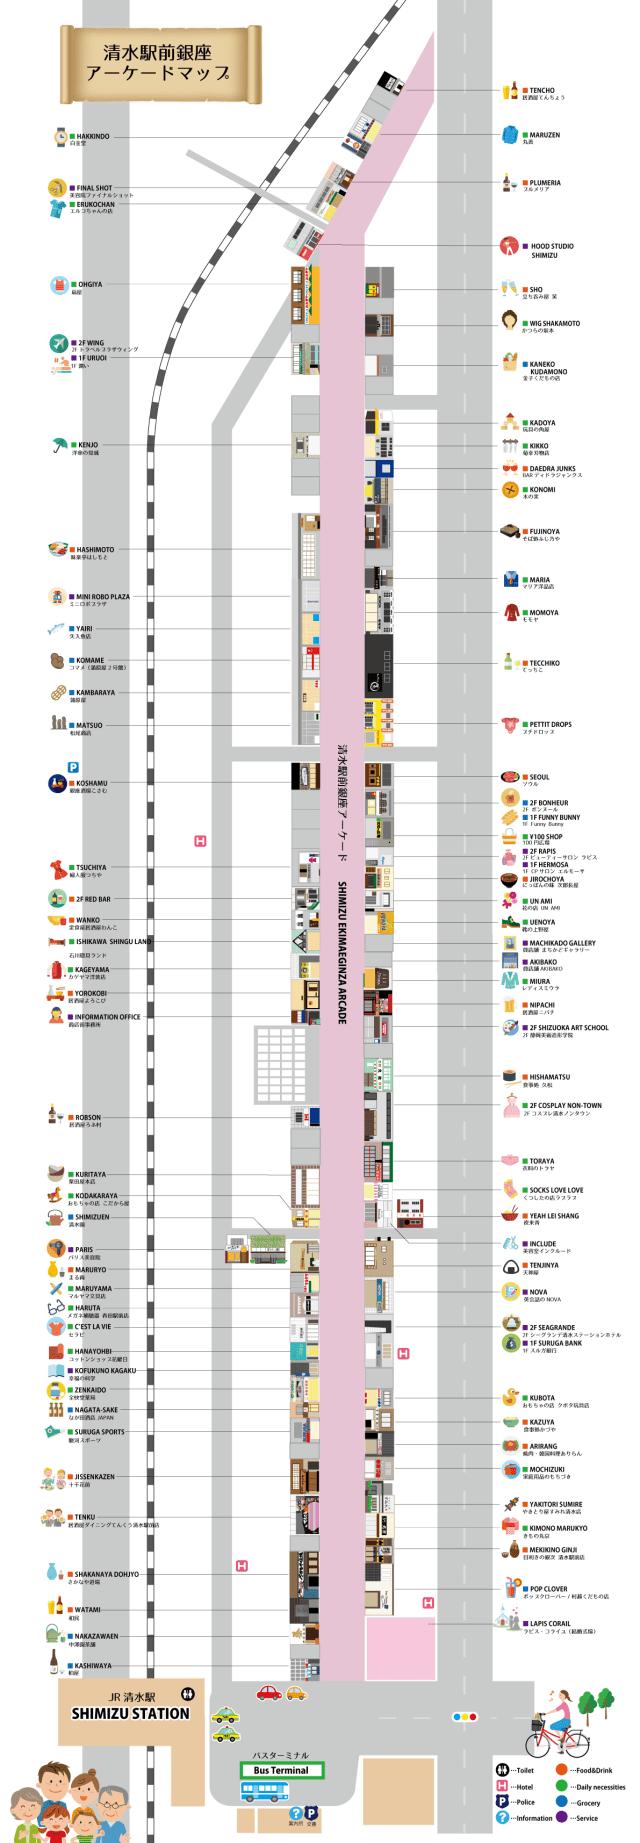 清水駅前銀座アーケードマップ